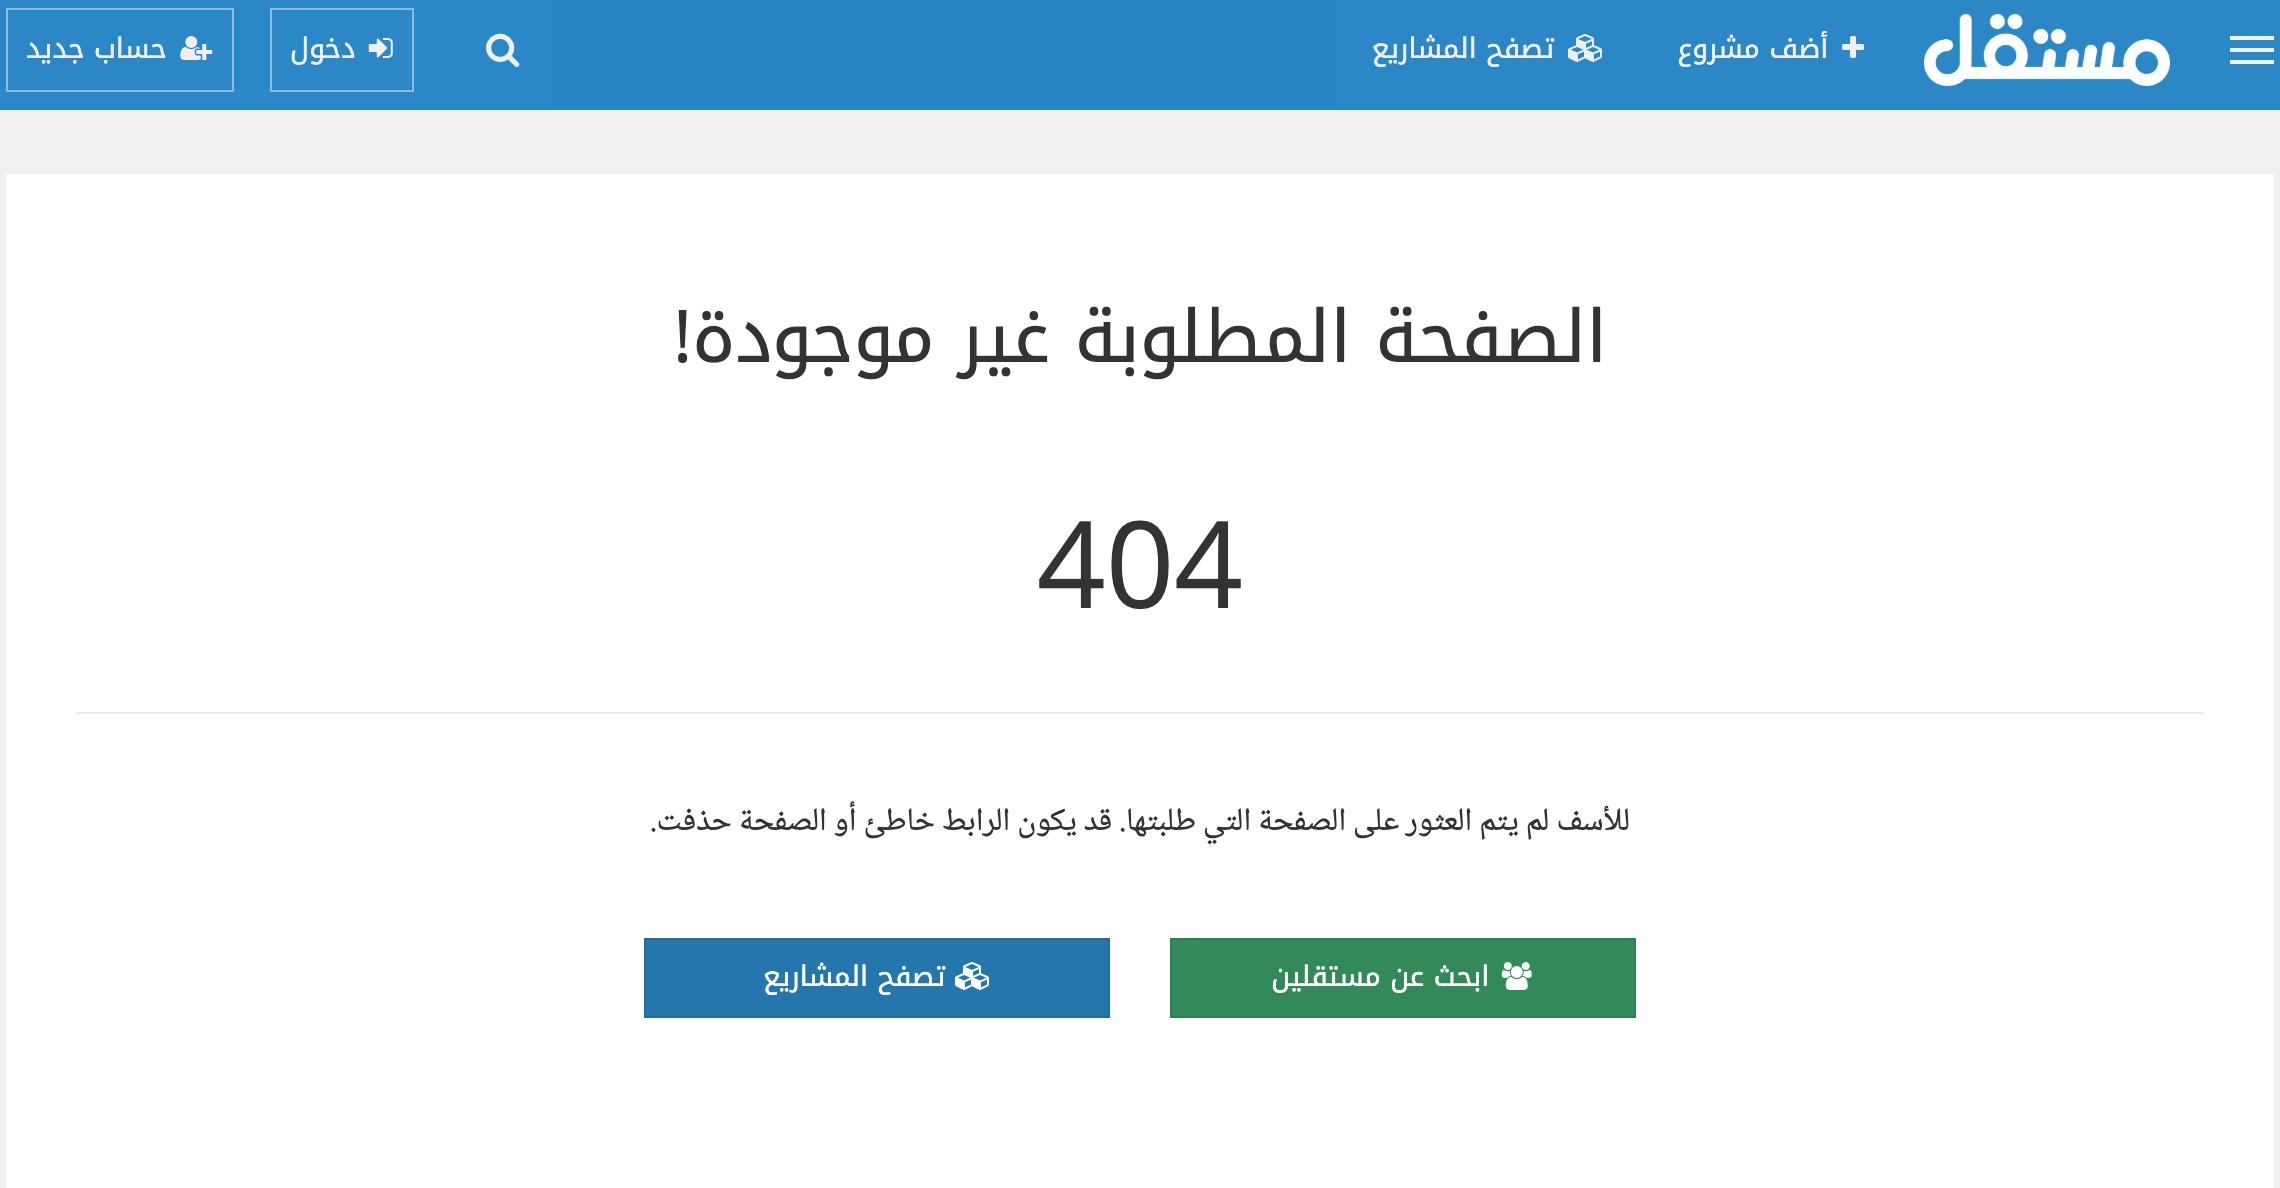 مثال: صفحة غير موجودة 404